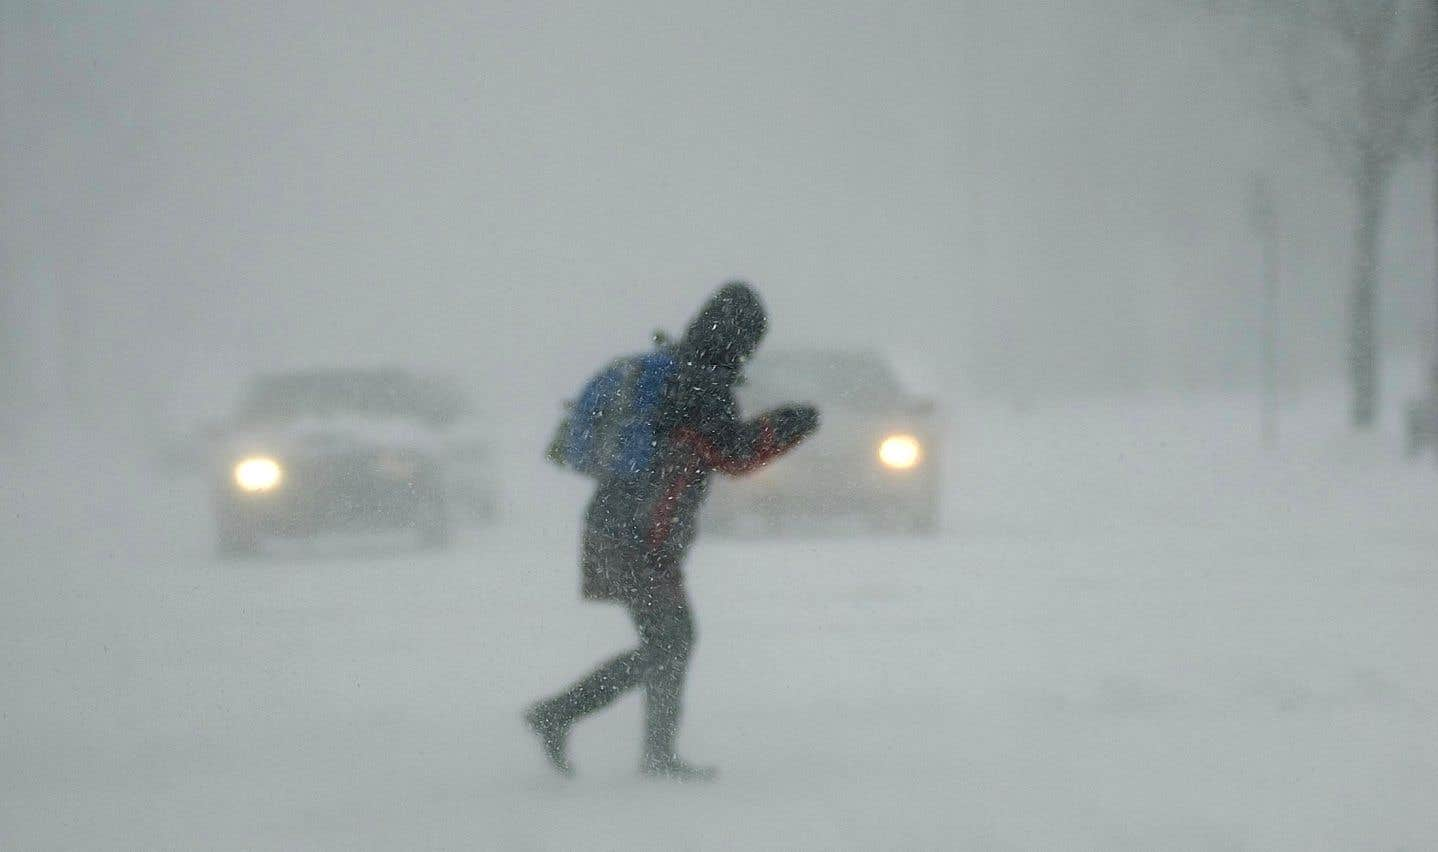 Étant donné les chutes de neige et des vents importants, de la poudrerie est à prévoir sur les routes durant la fin de semaine.